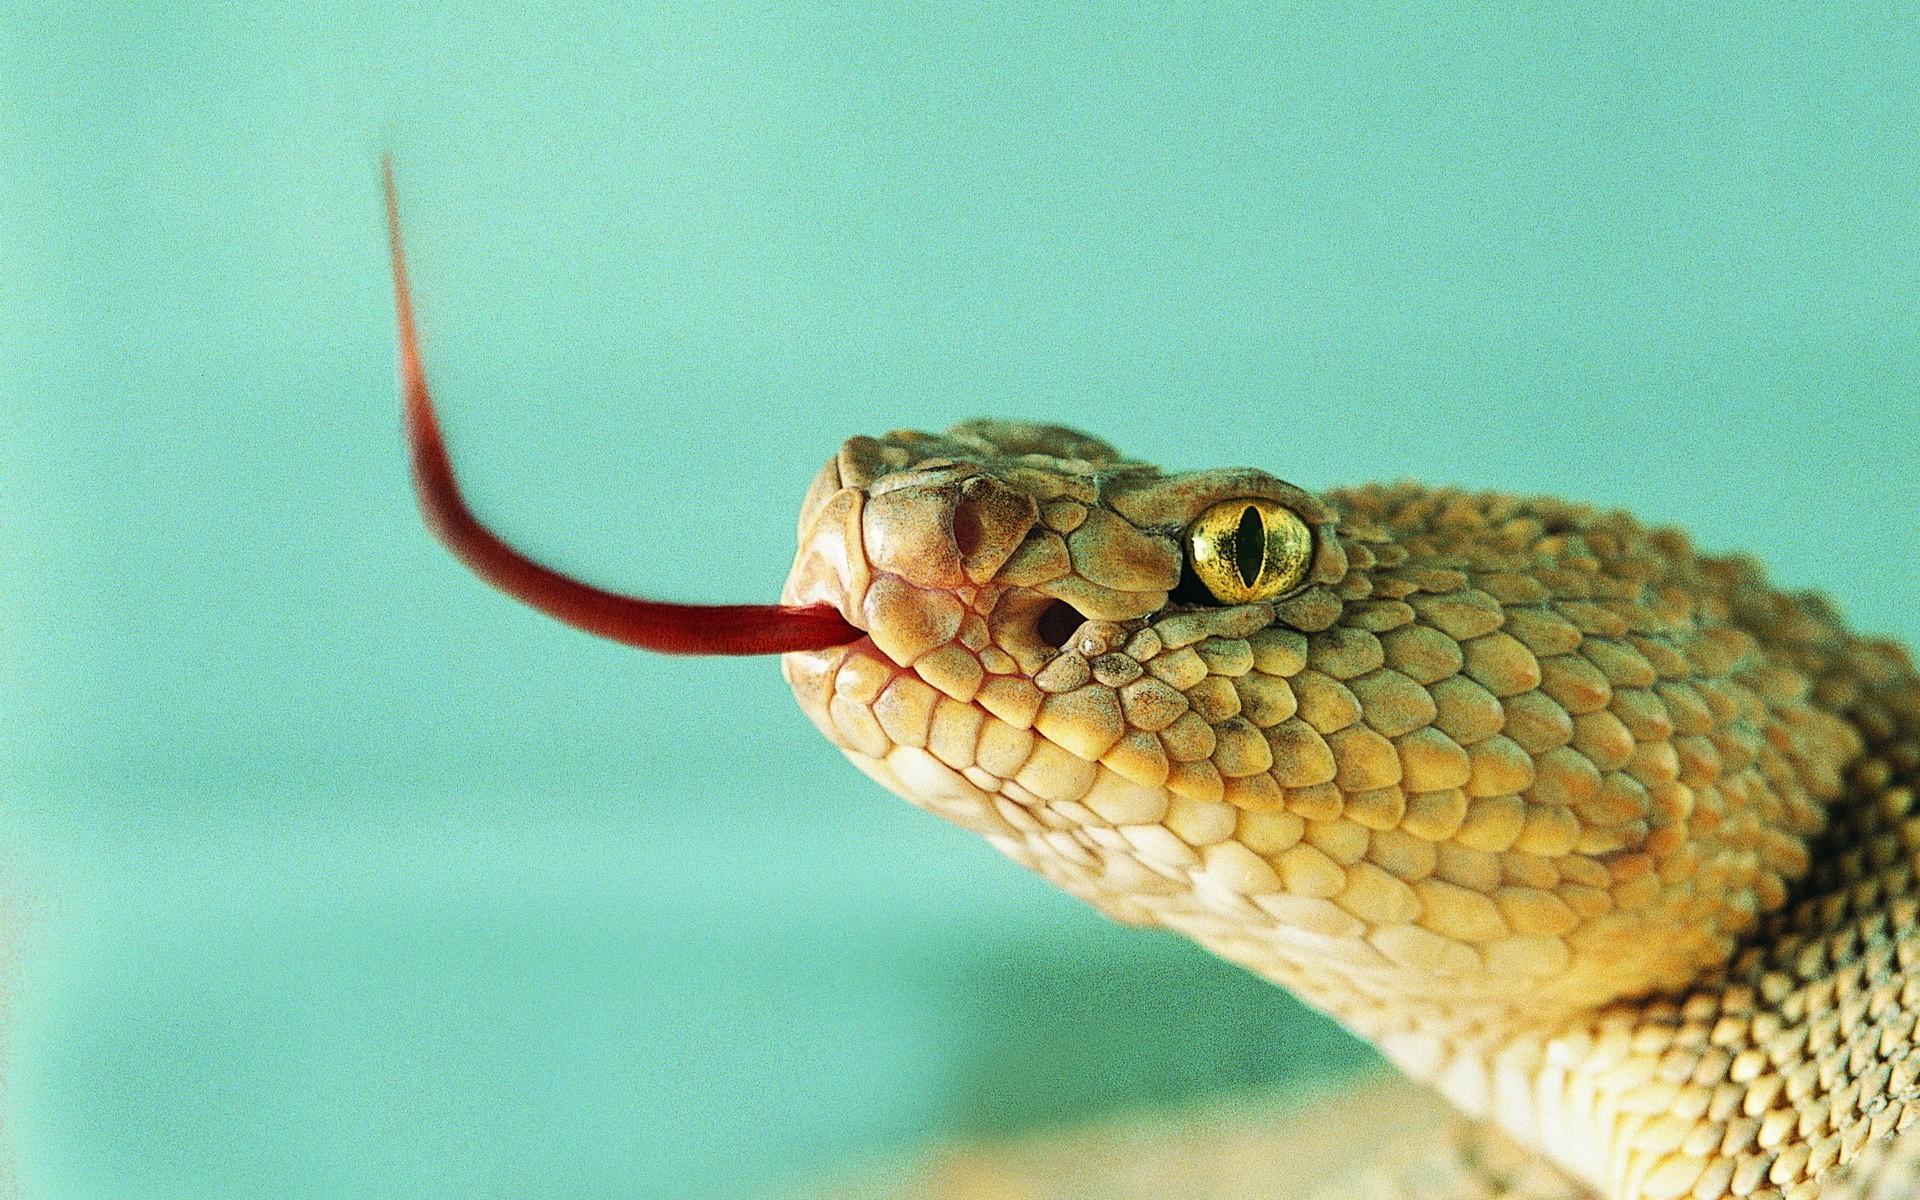 Serpiente sacando la lengua - 1920x1200